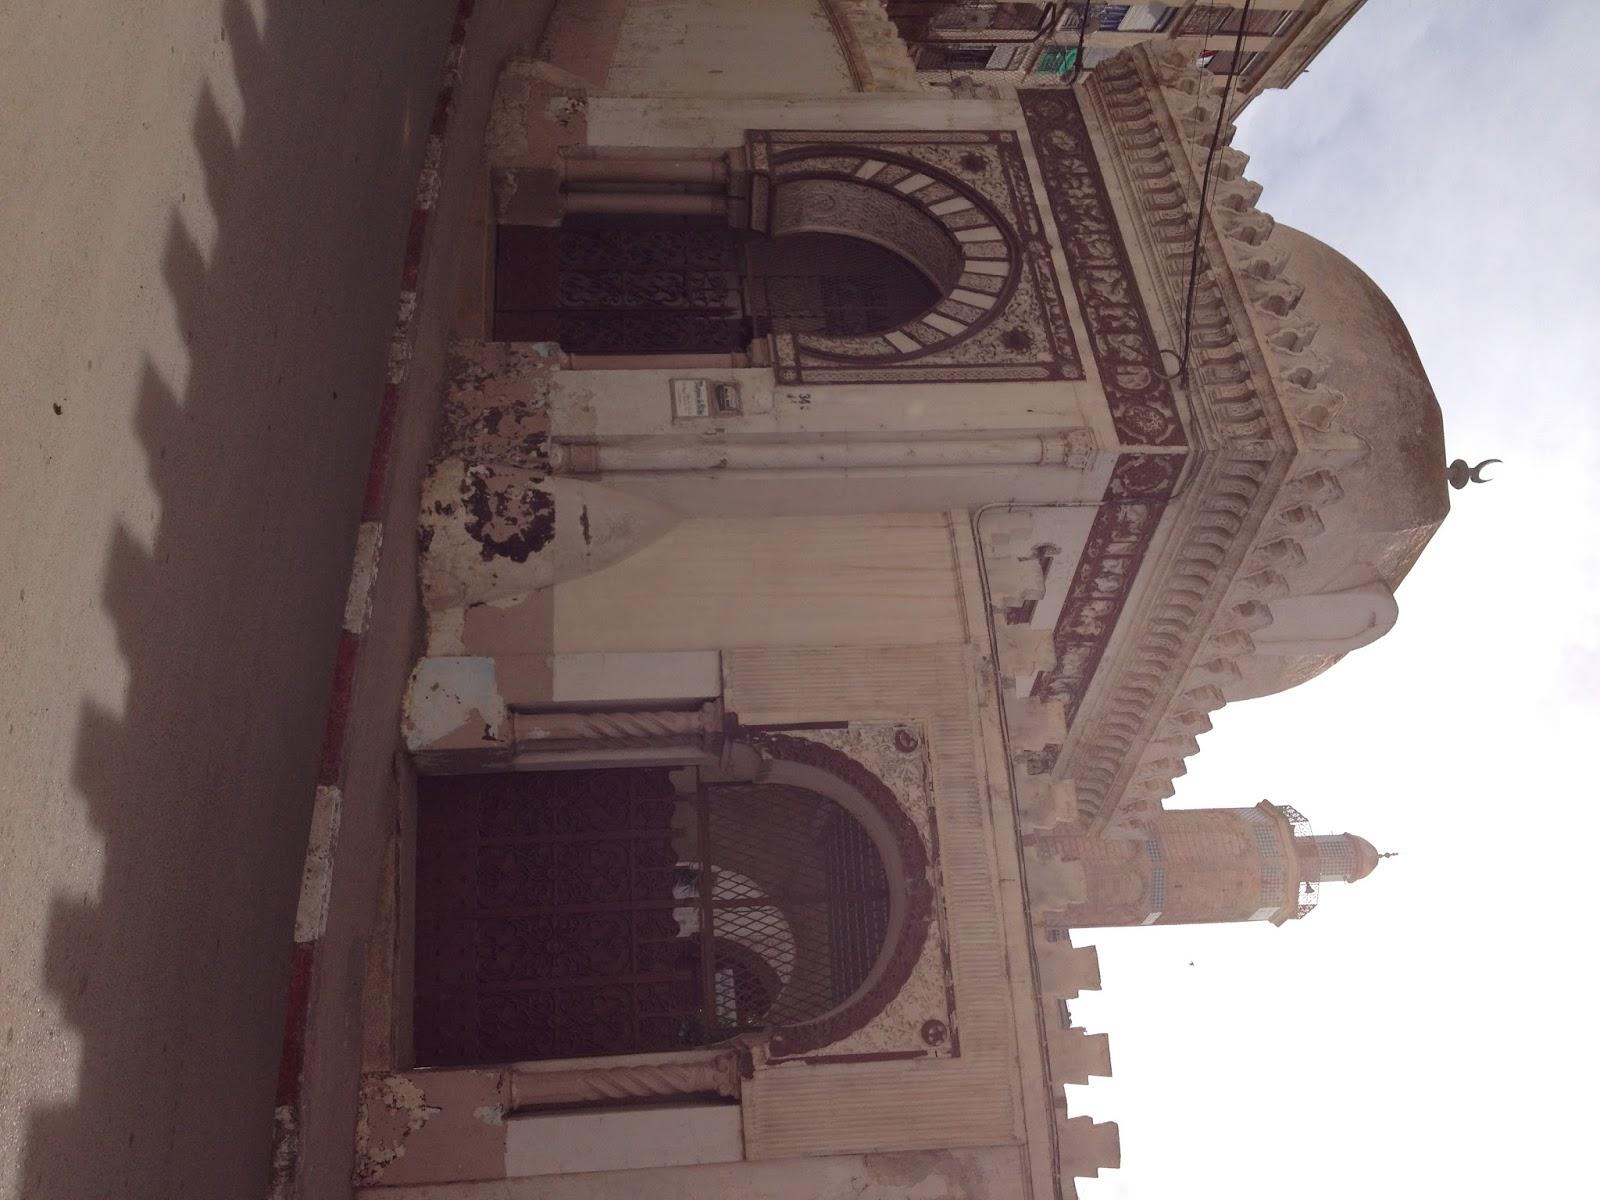 Nourbouka: الاخبار العاجلة لاكتشاف سكان قسنطينة سعر قهوة الصياح في ...